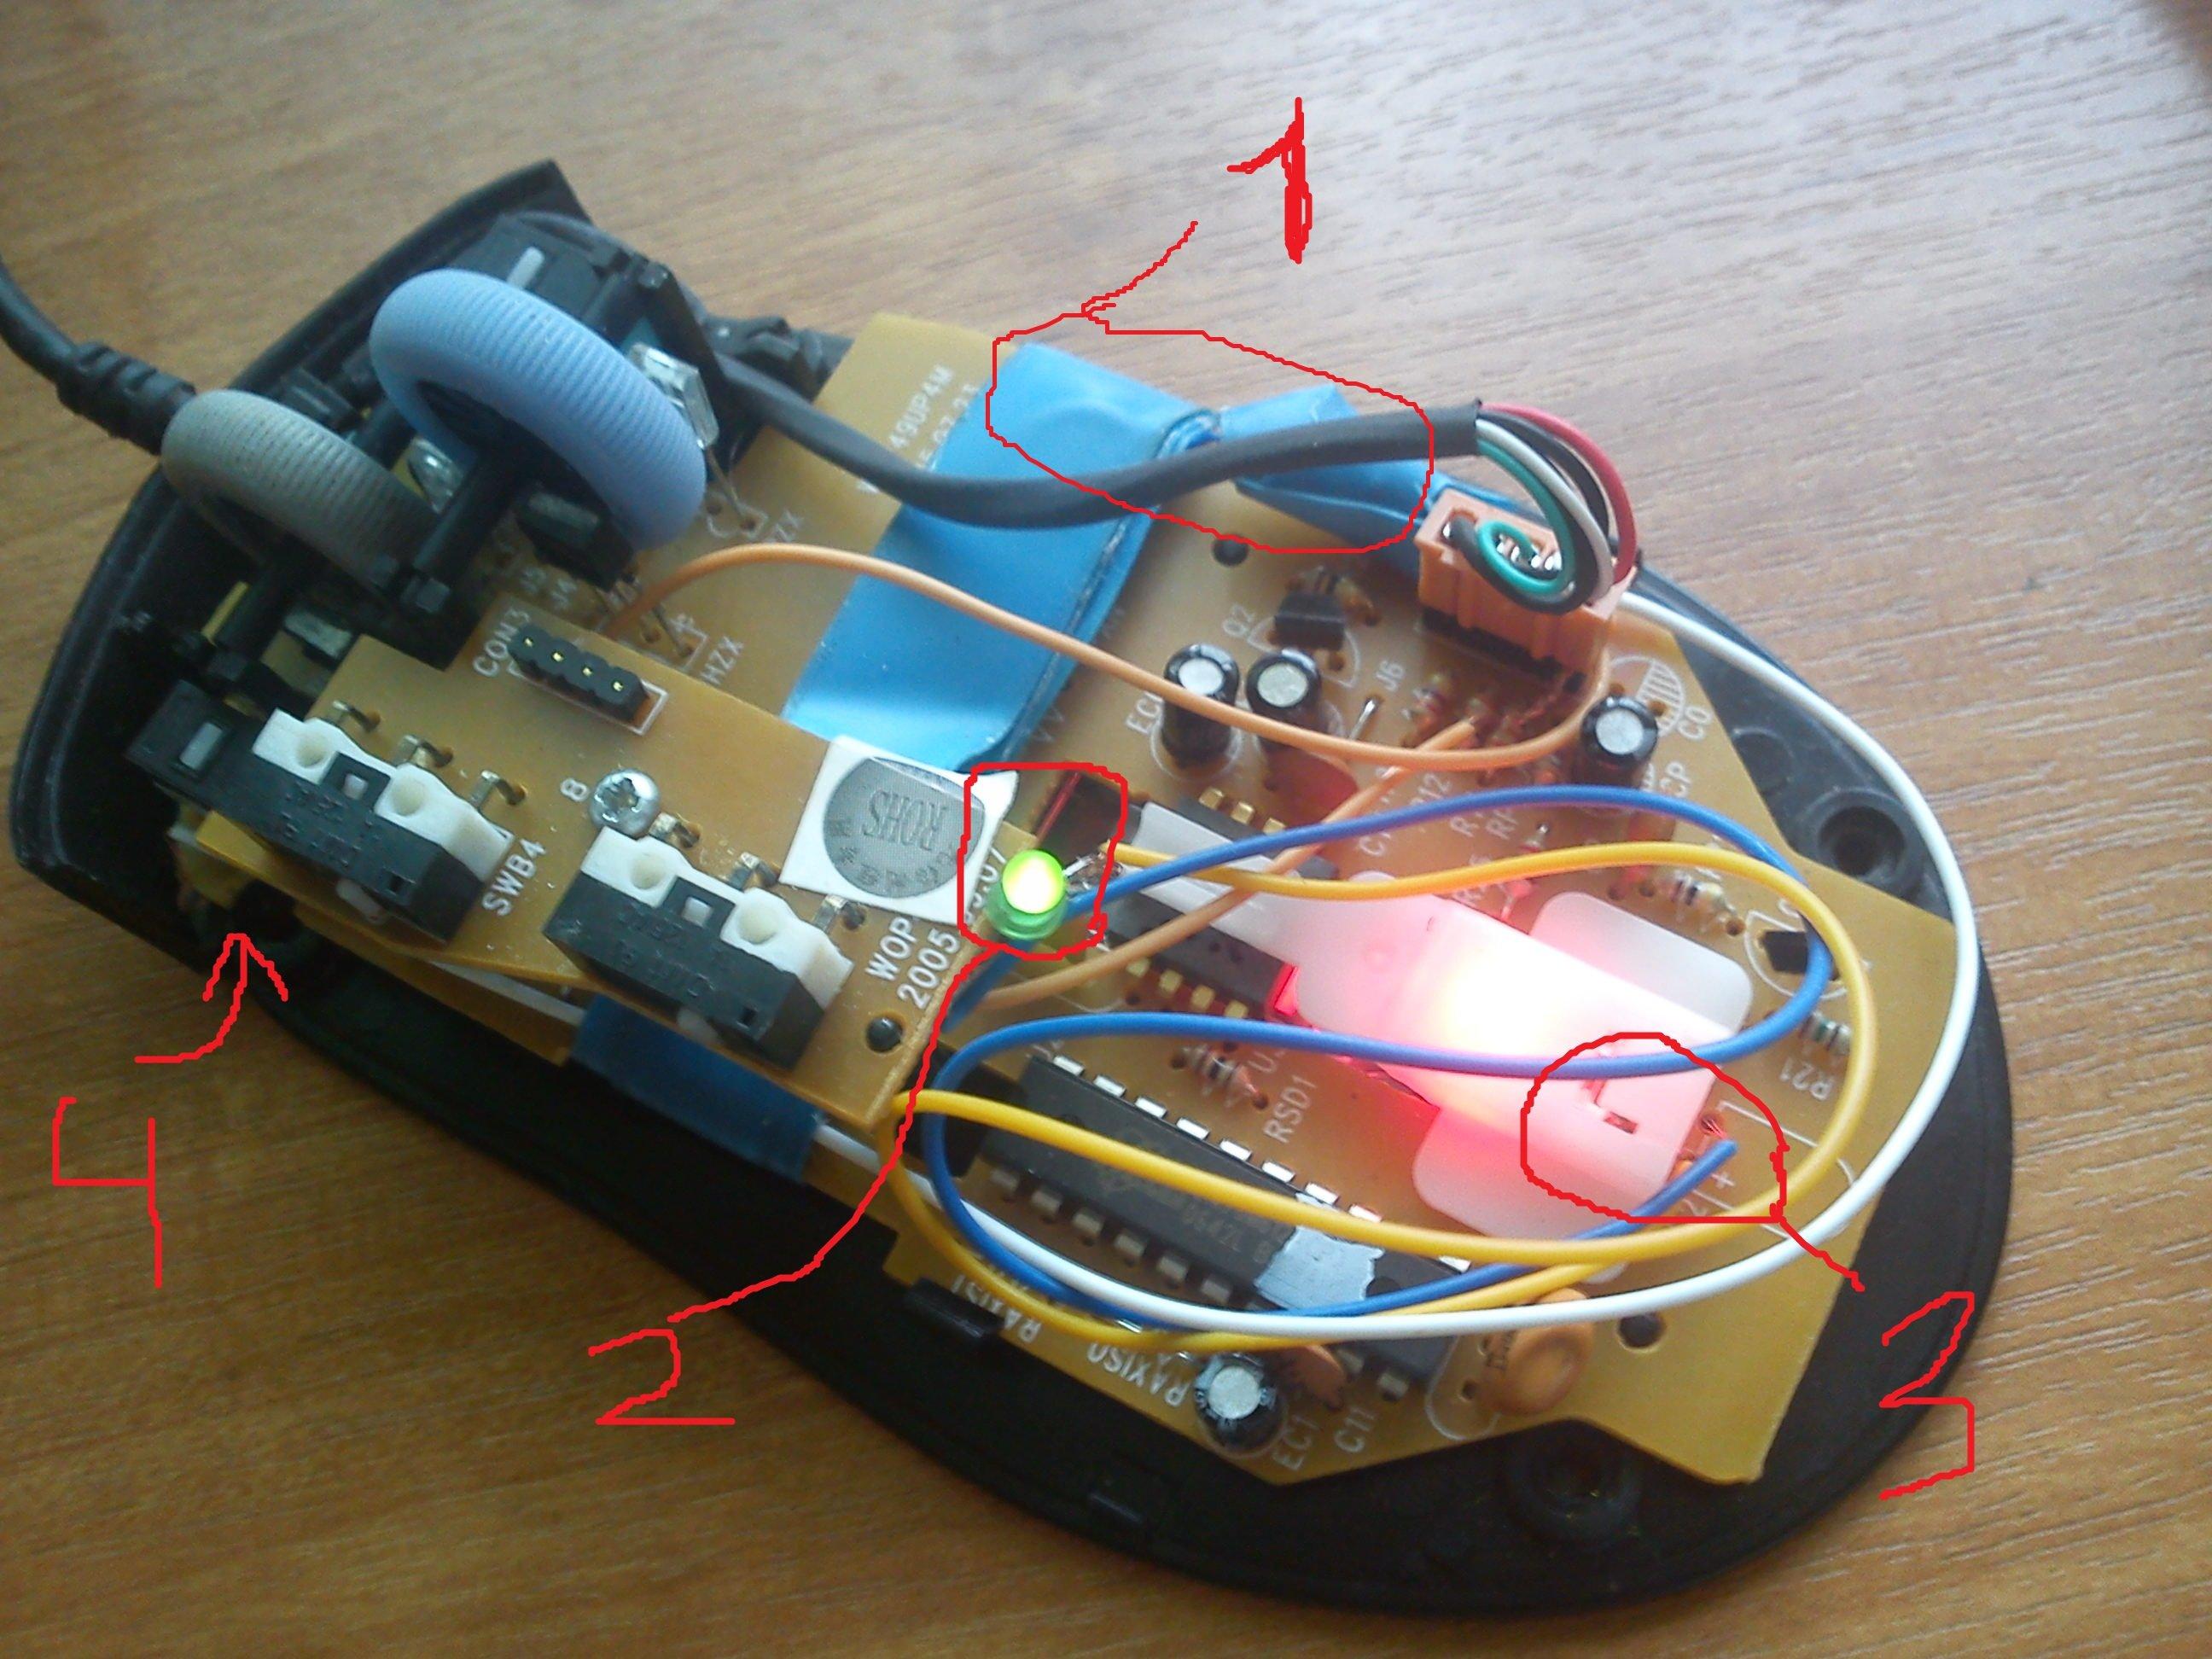 Лет 6 назад один мой приятель подарил мне старую мышку  A4Tech WOP-49(Z), которая верой и правдой служит мне по сей  ... - Изображение 2